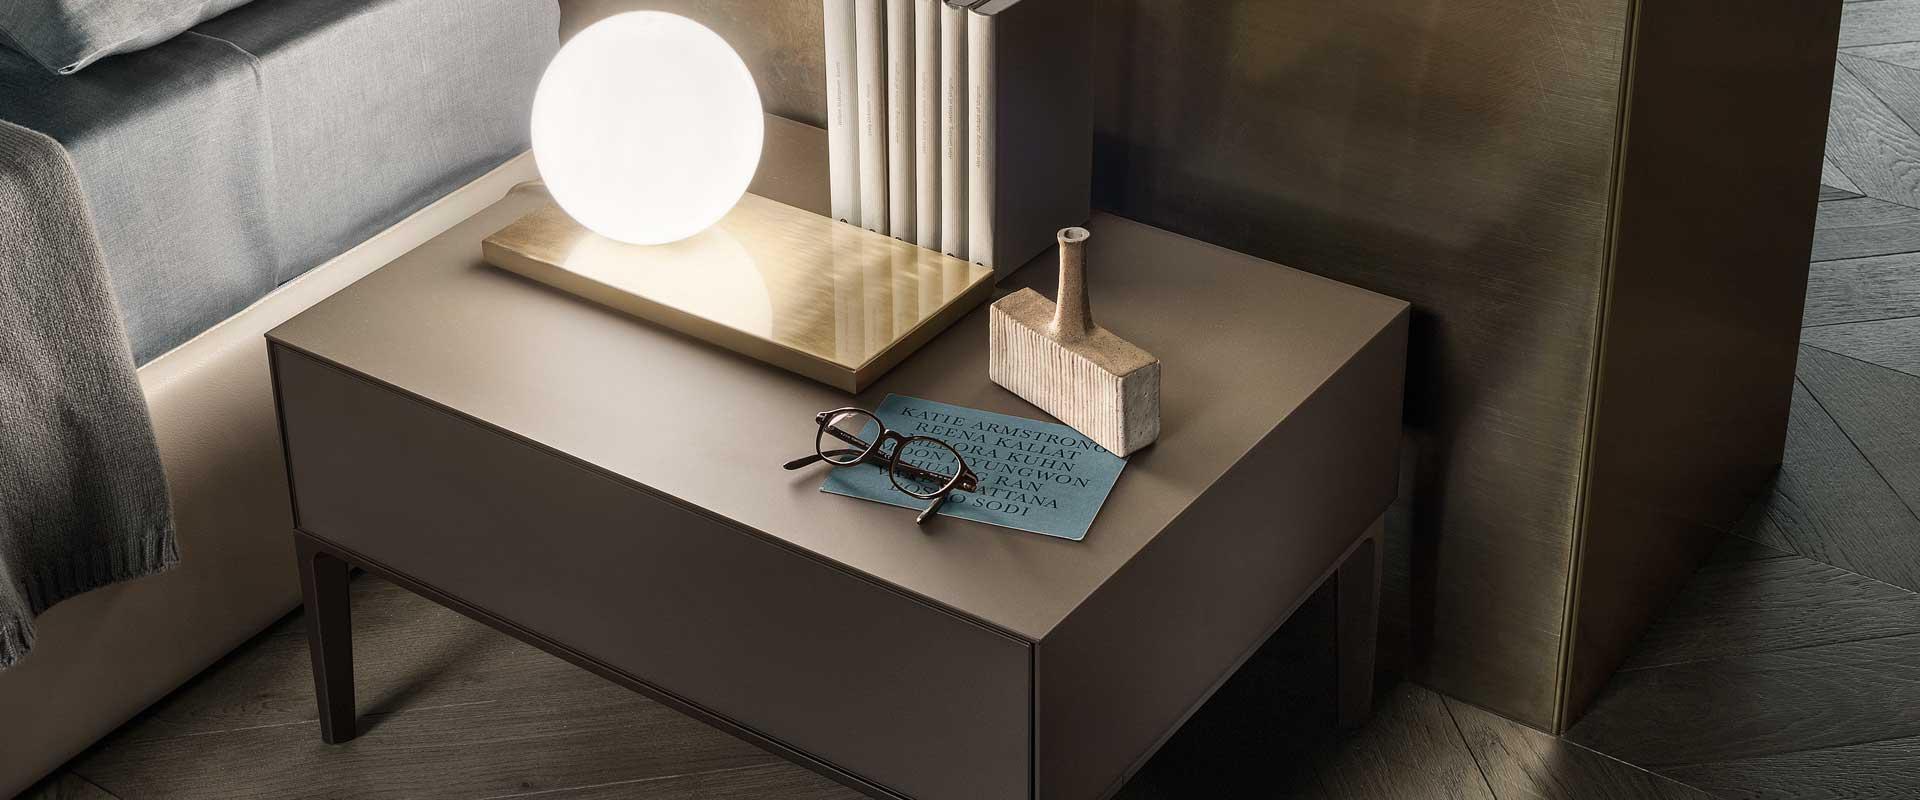 rimadesio m bel und einrichtungssysteme bei hans g bock hannover. Black Bedroom Furniture Sets. Home Design Ideas